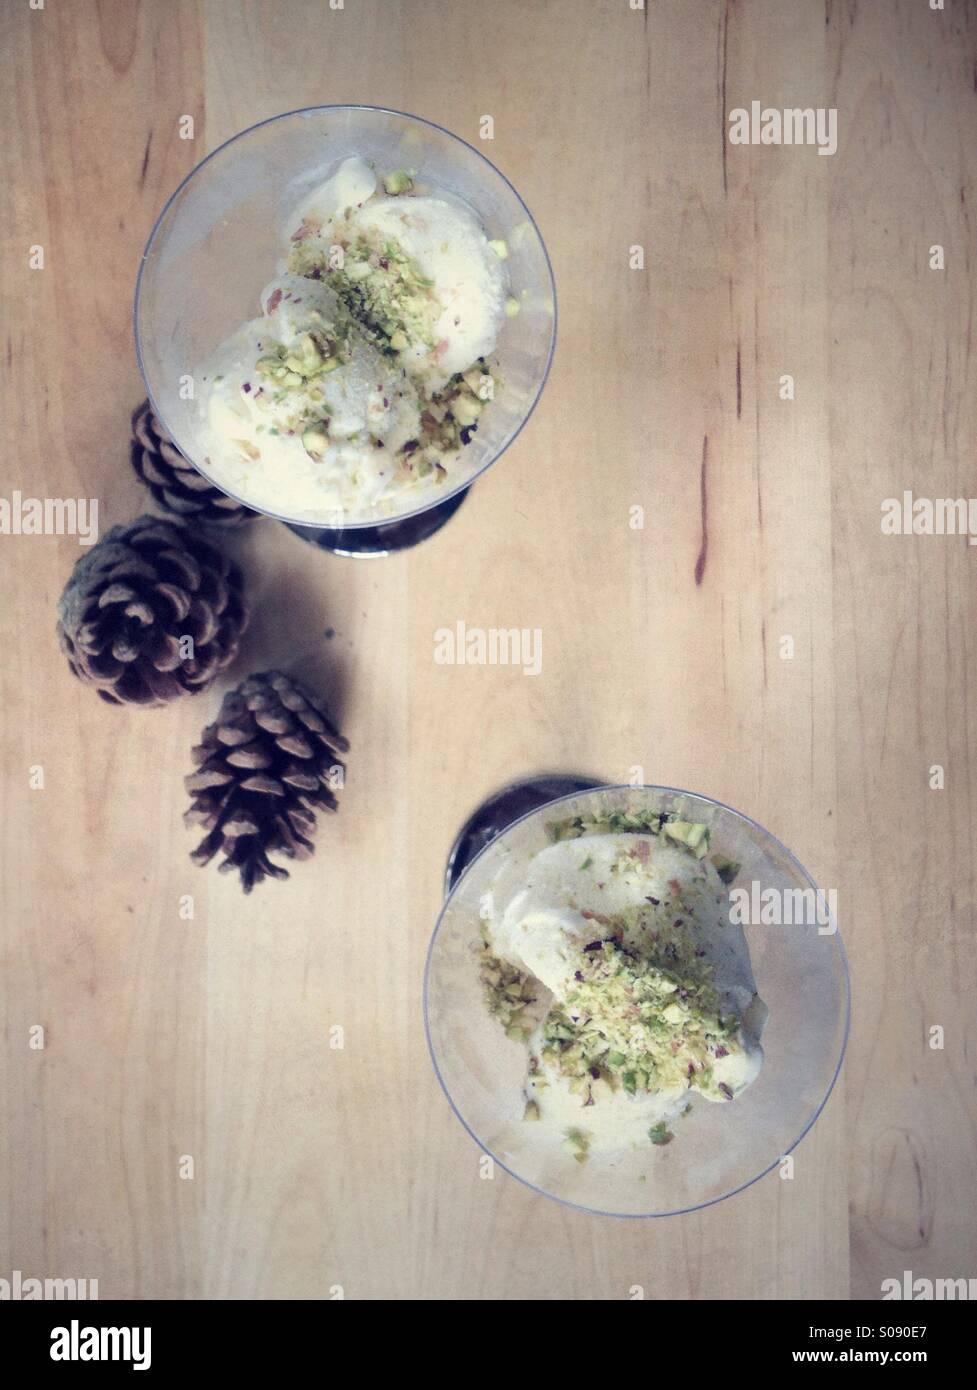 La crème glacée Macadamia avec copeaux de pistache Banque D'Images